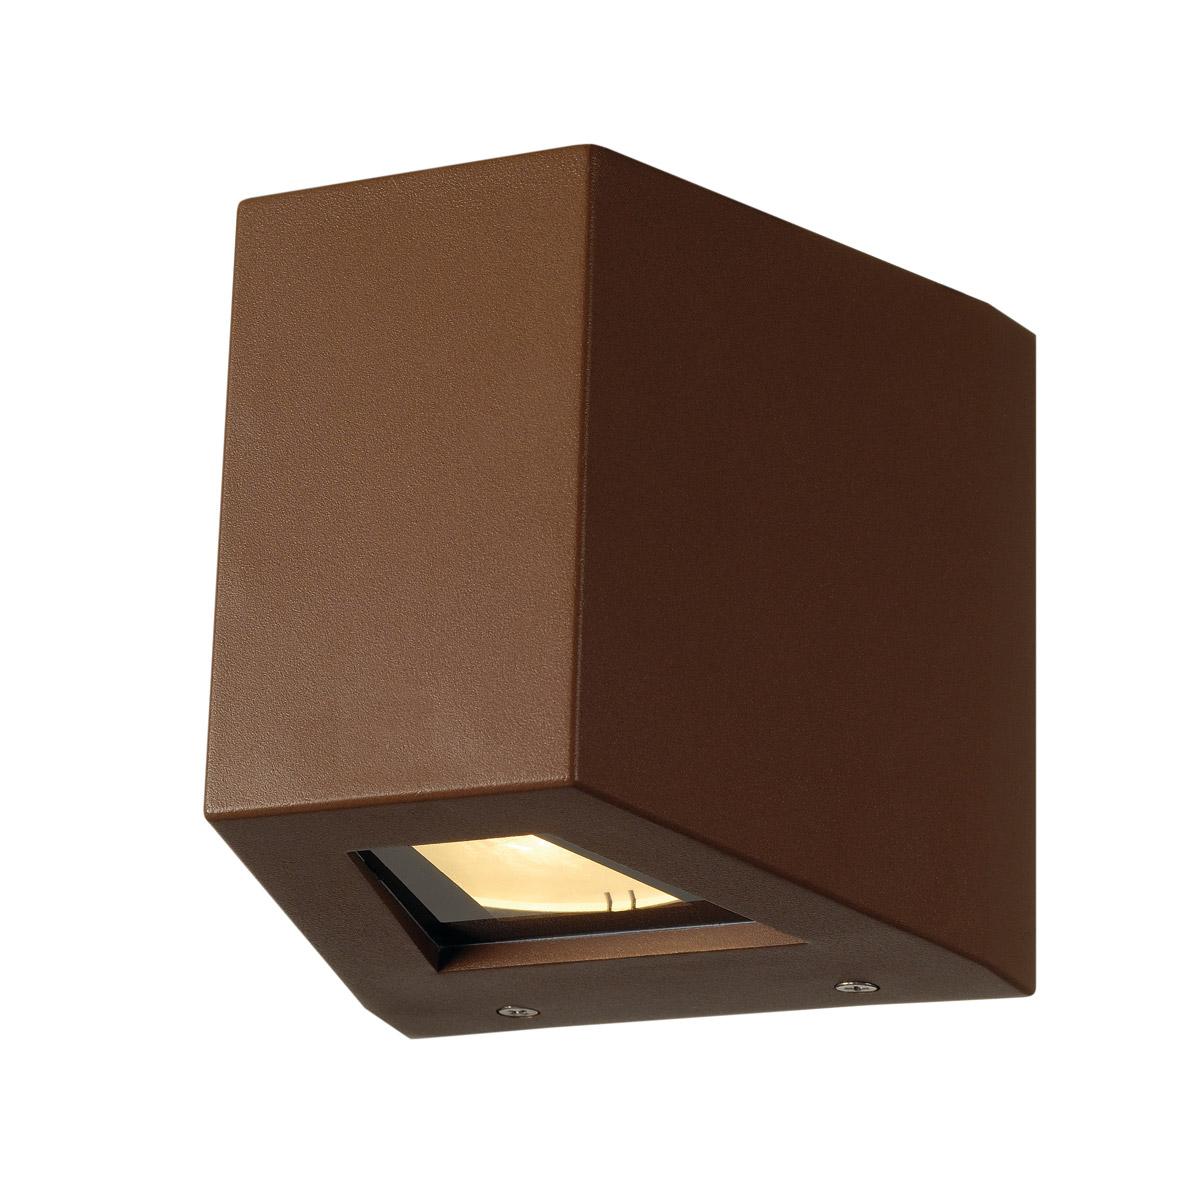 1 Stk OUT BEAM LED Wandleuchte, rostfarben LI229667--